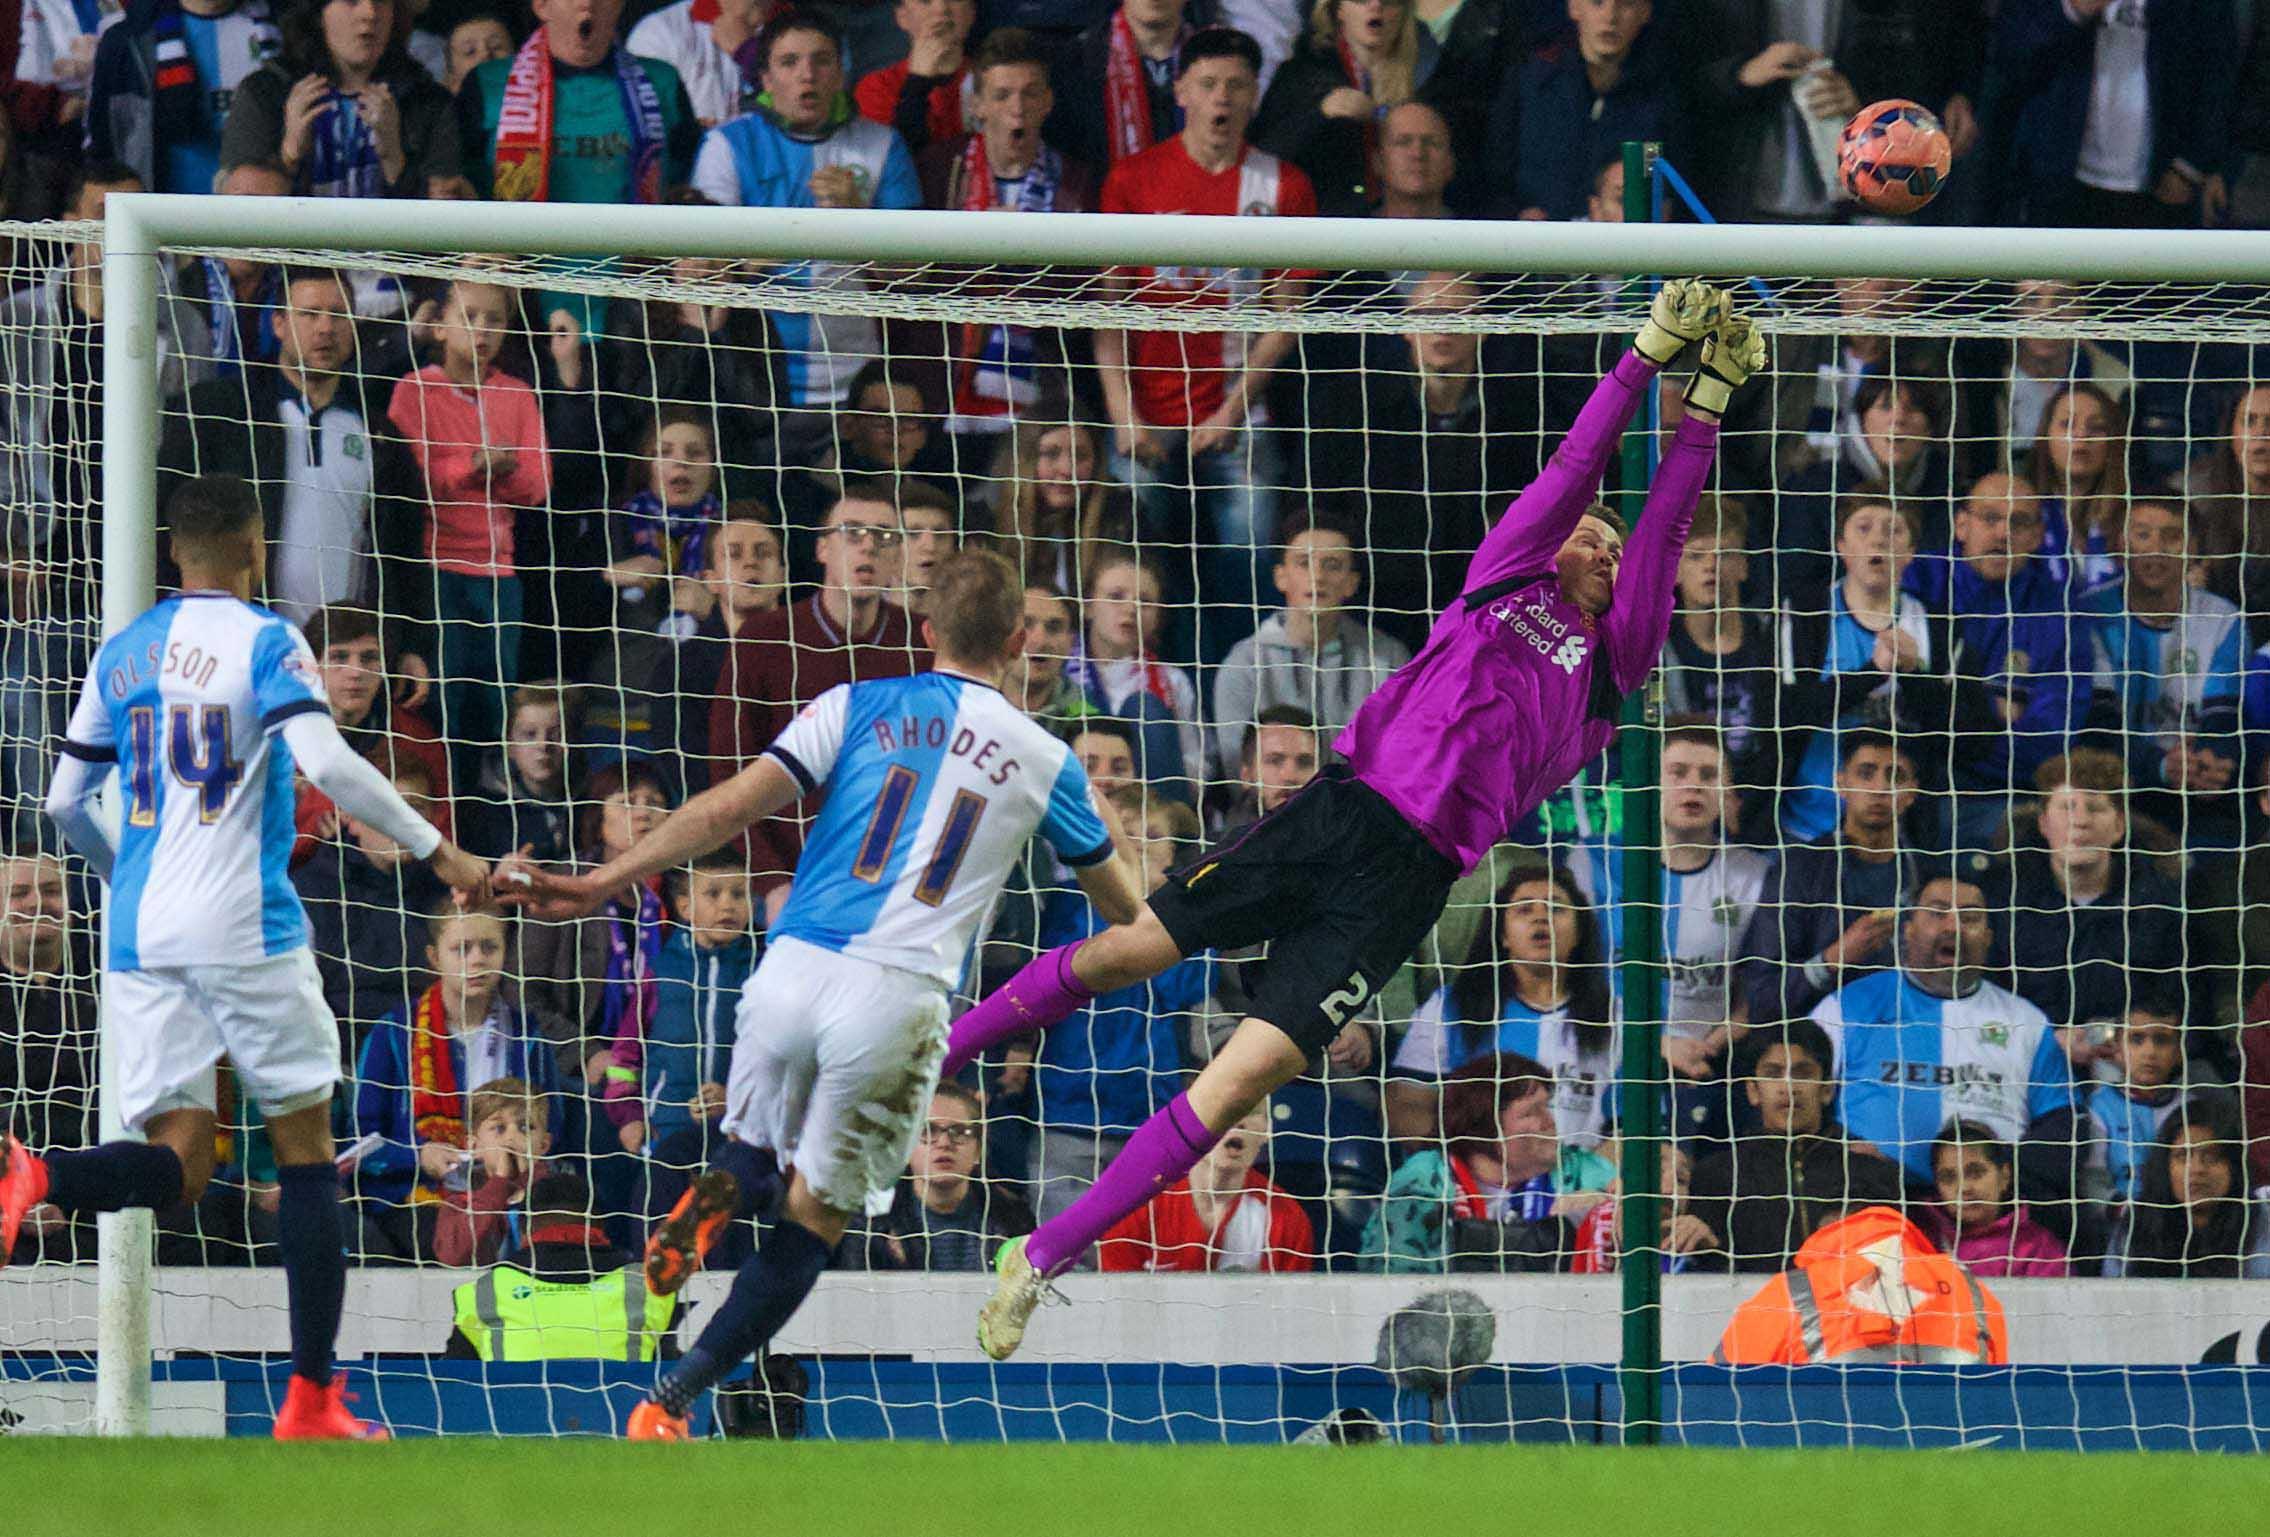 Football - FA Cup - Quarter-Final Replay - Blackburn Rovers FC v Liverpool FC